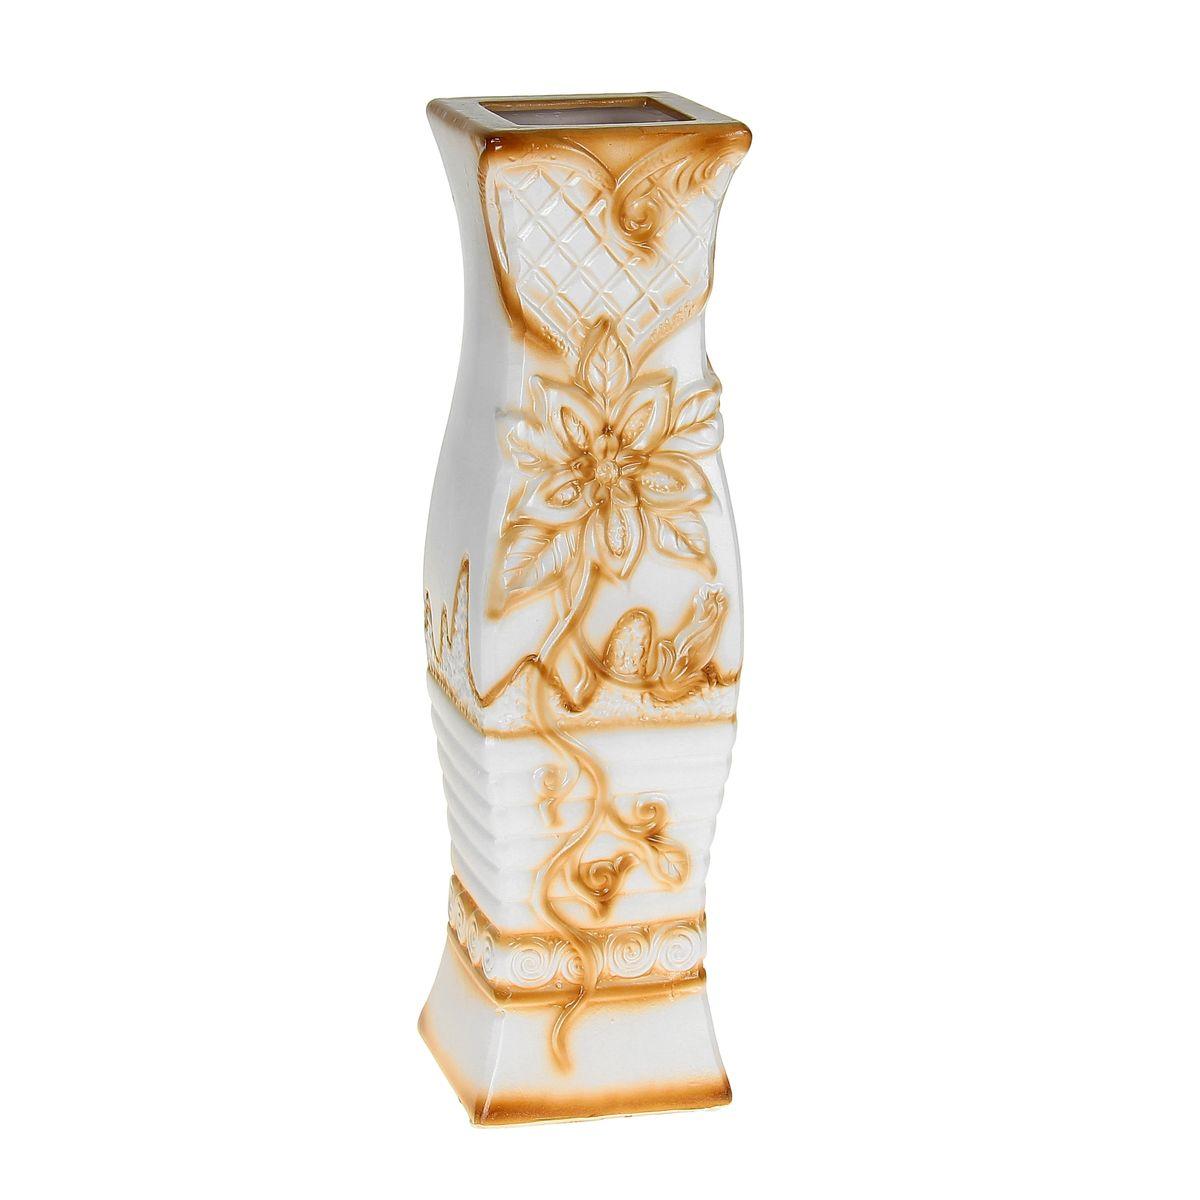 Ваза керамика напольная 60 см цветущая лилия 1044984FS-91909Керамика